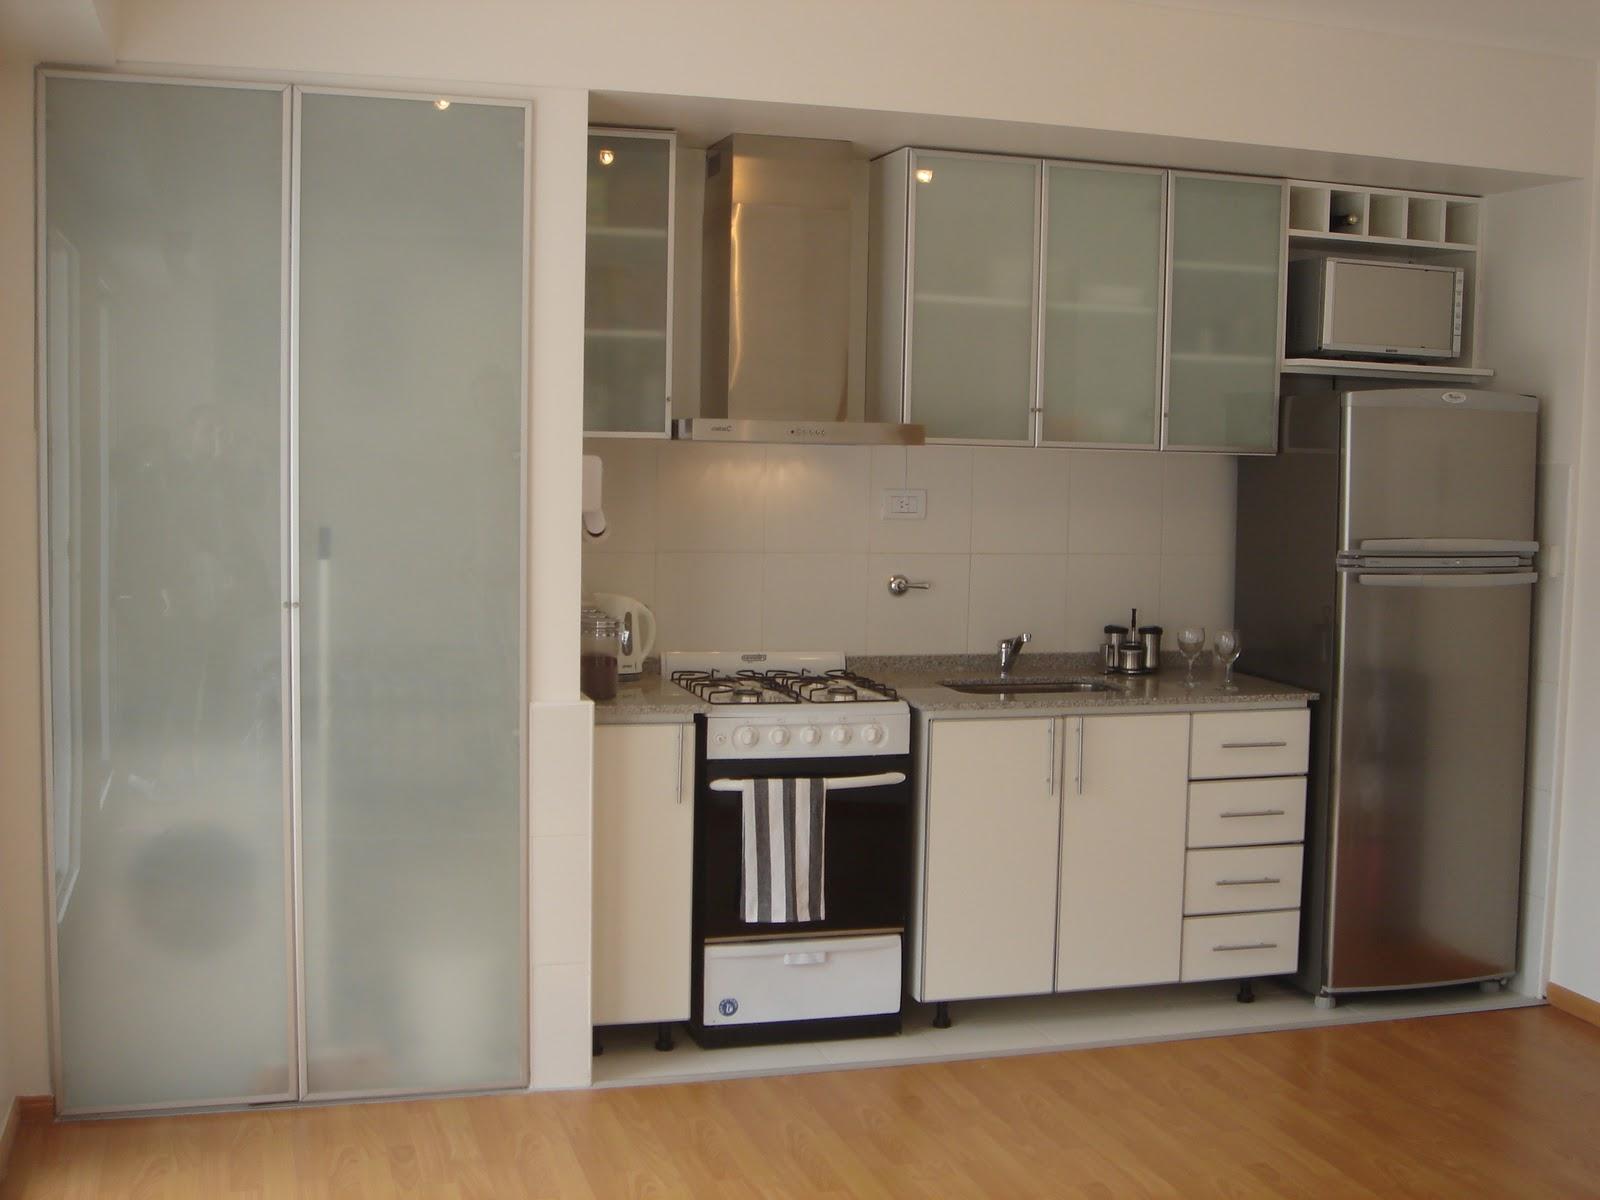 Casa 26 el primer nido for Planos de cocina y lavadero